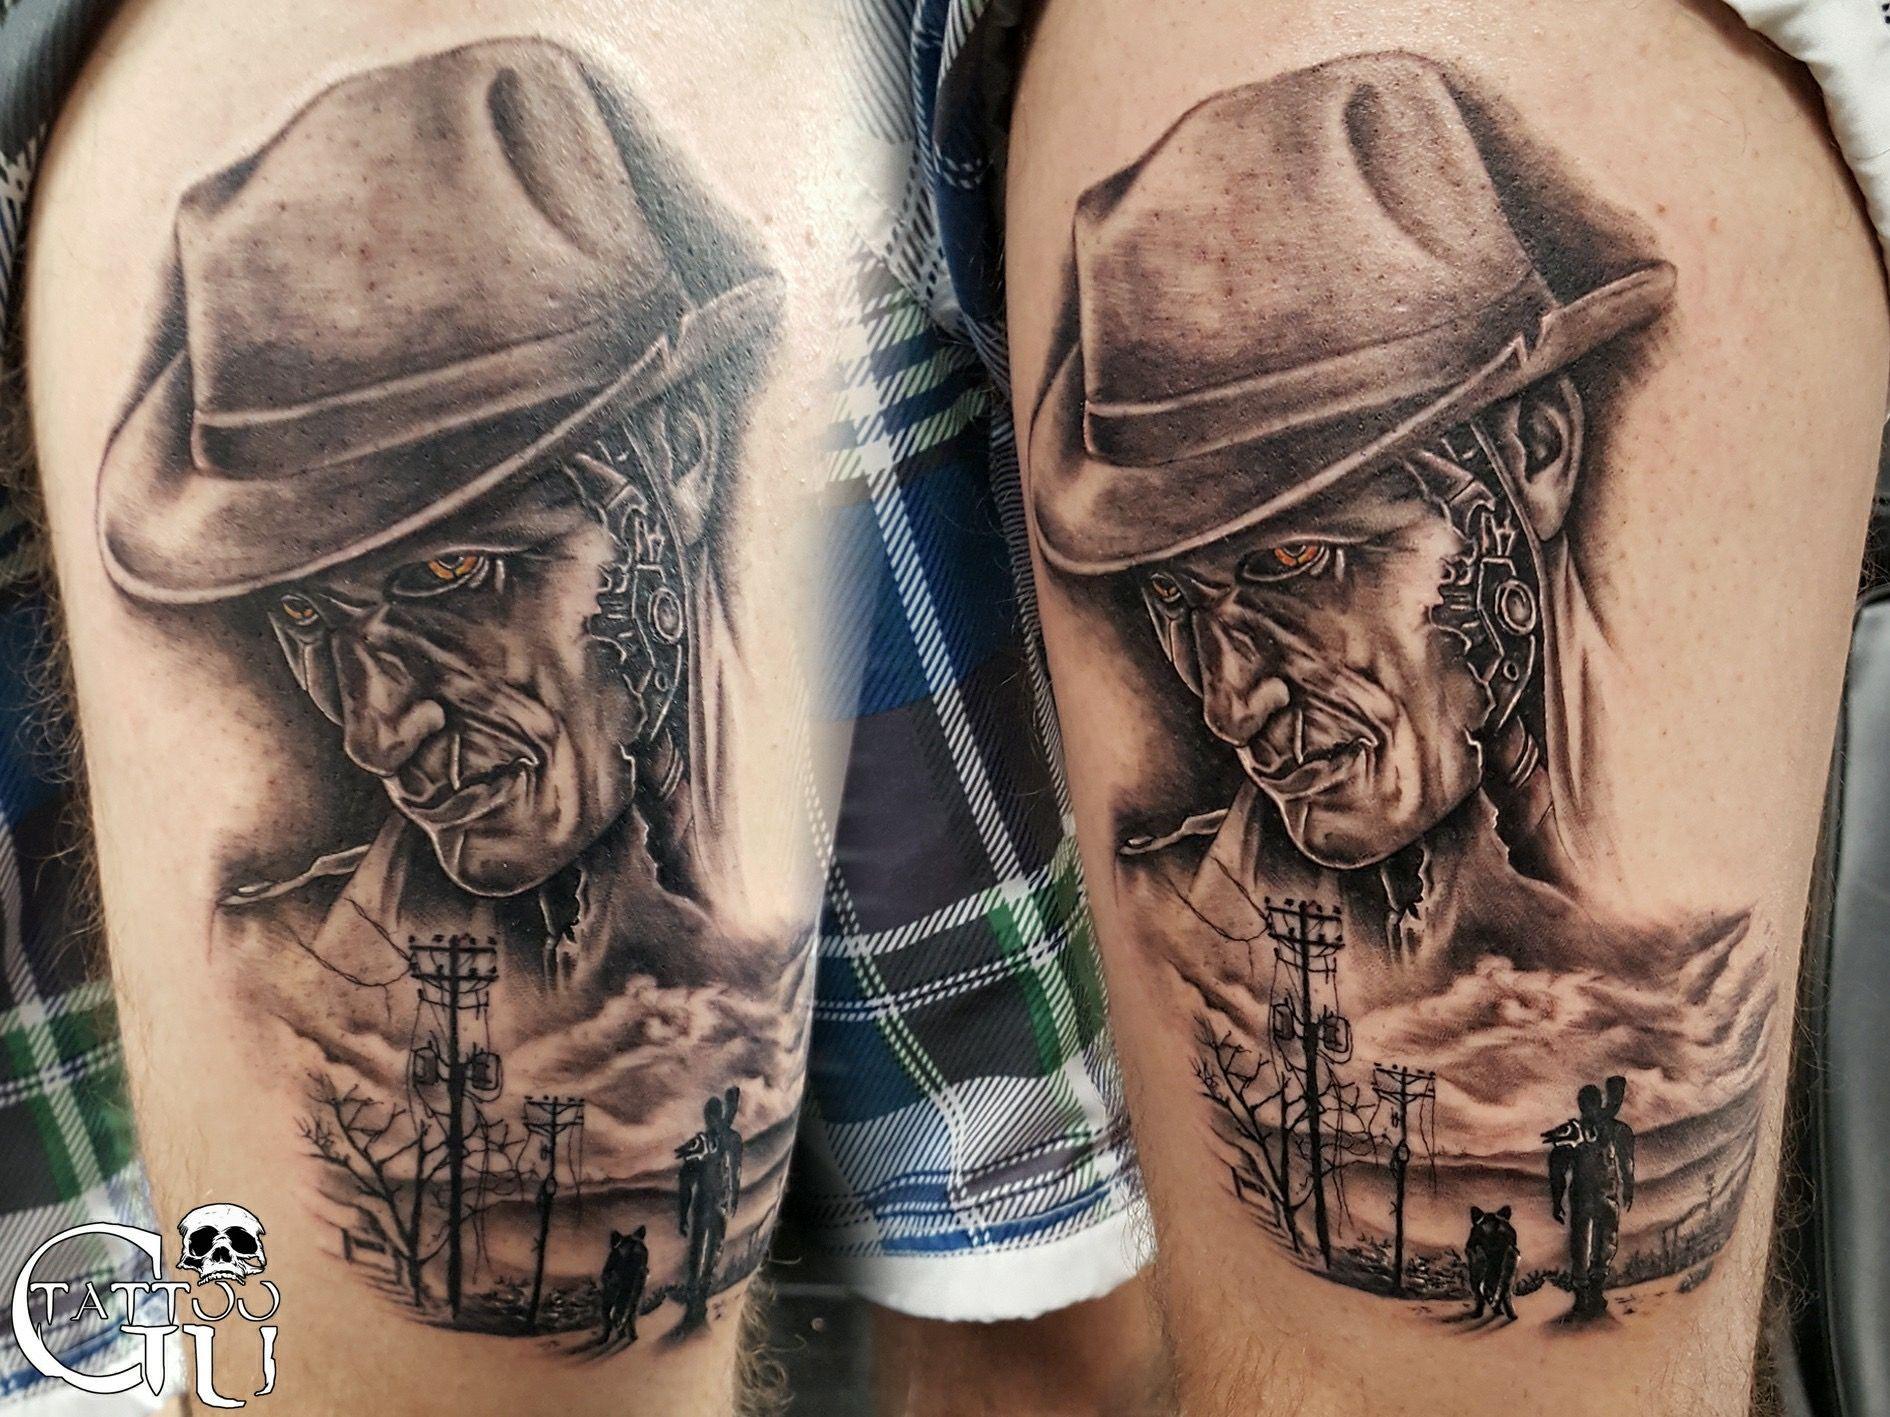 Fallout 4 Tattoo - Gavin Underhill | Tattoos | Tattoos